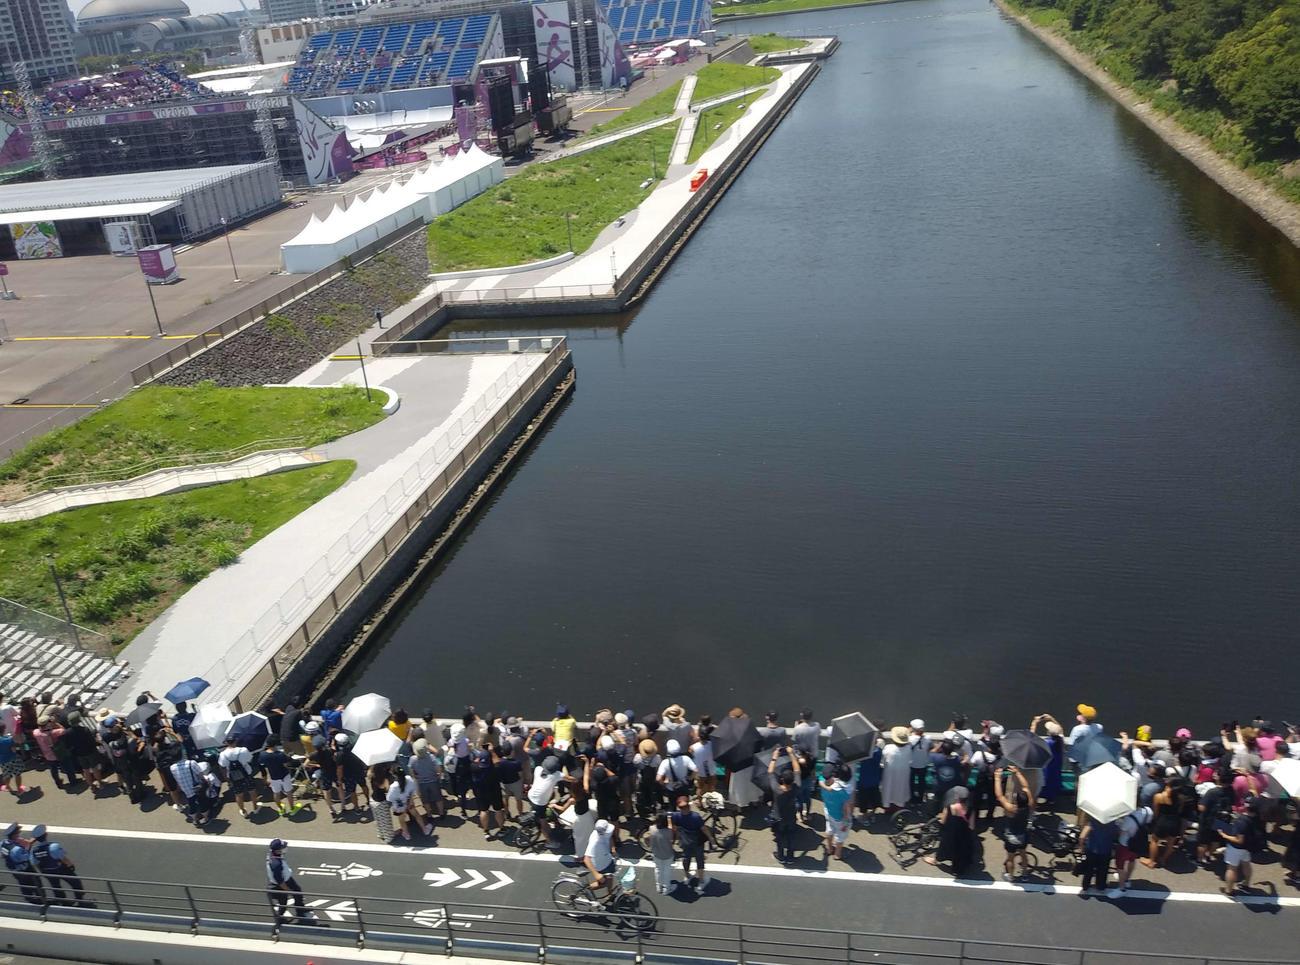 BMX会場の様子をみることのできる有明北橋には場外観戦者が大勢集まった